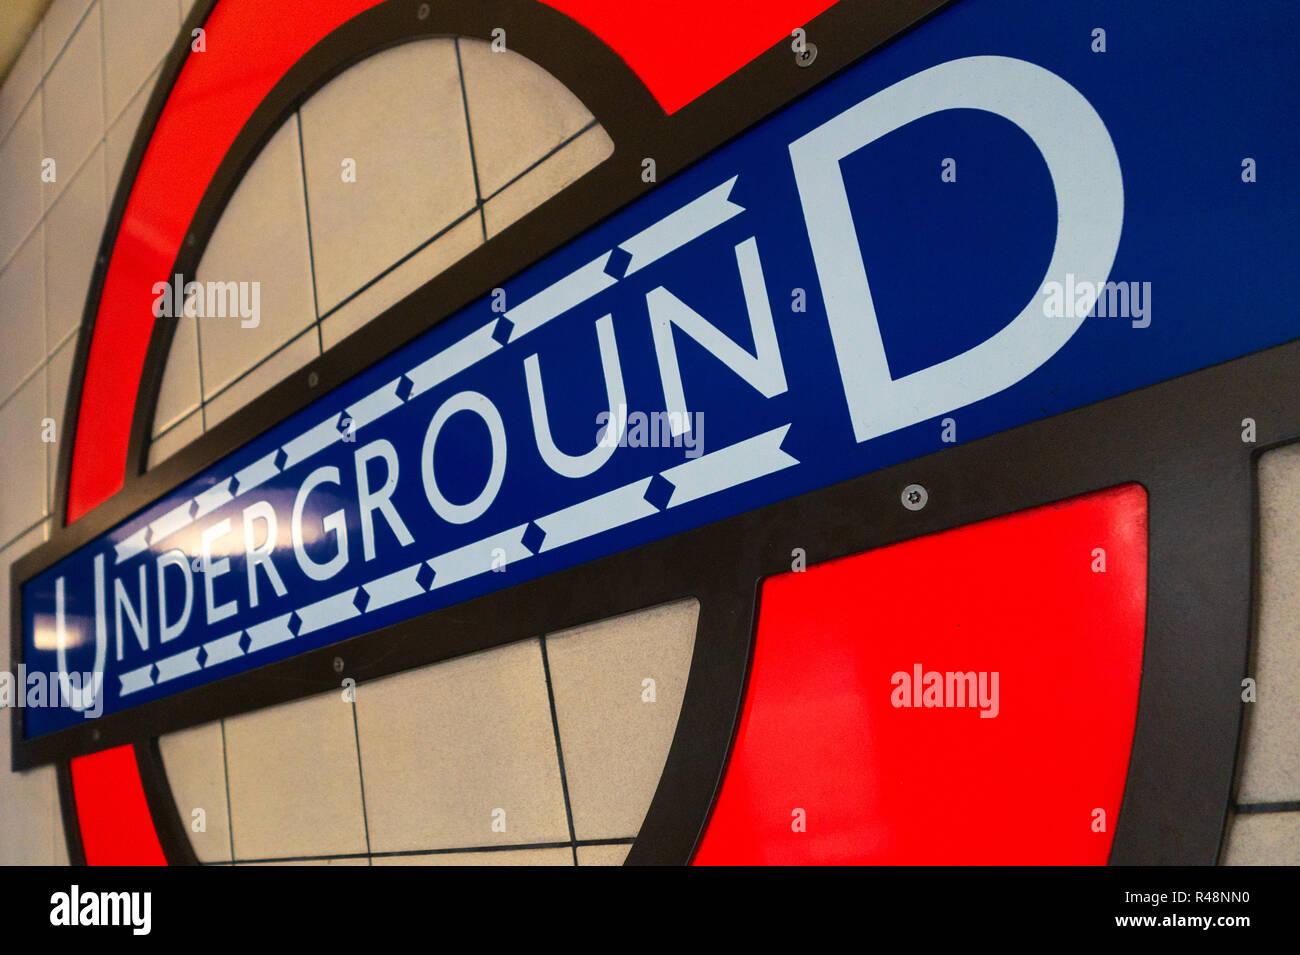 London Iconic Underground Tube Logo sign - Stock Image